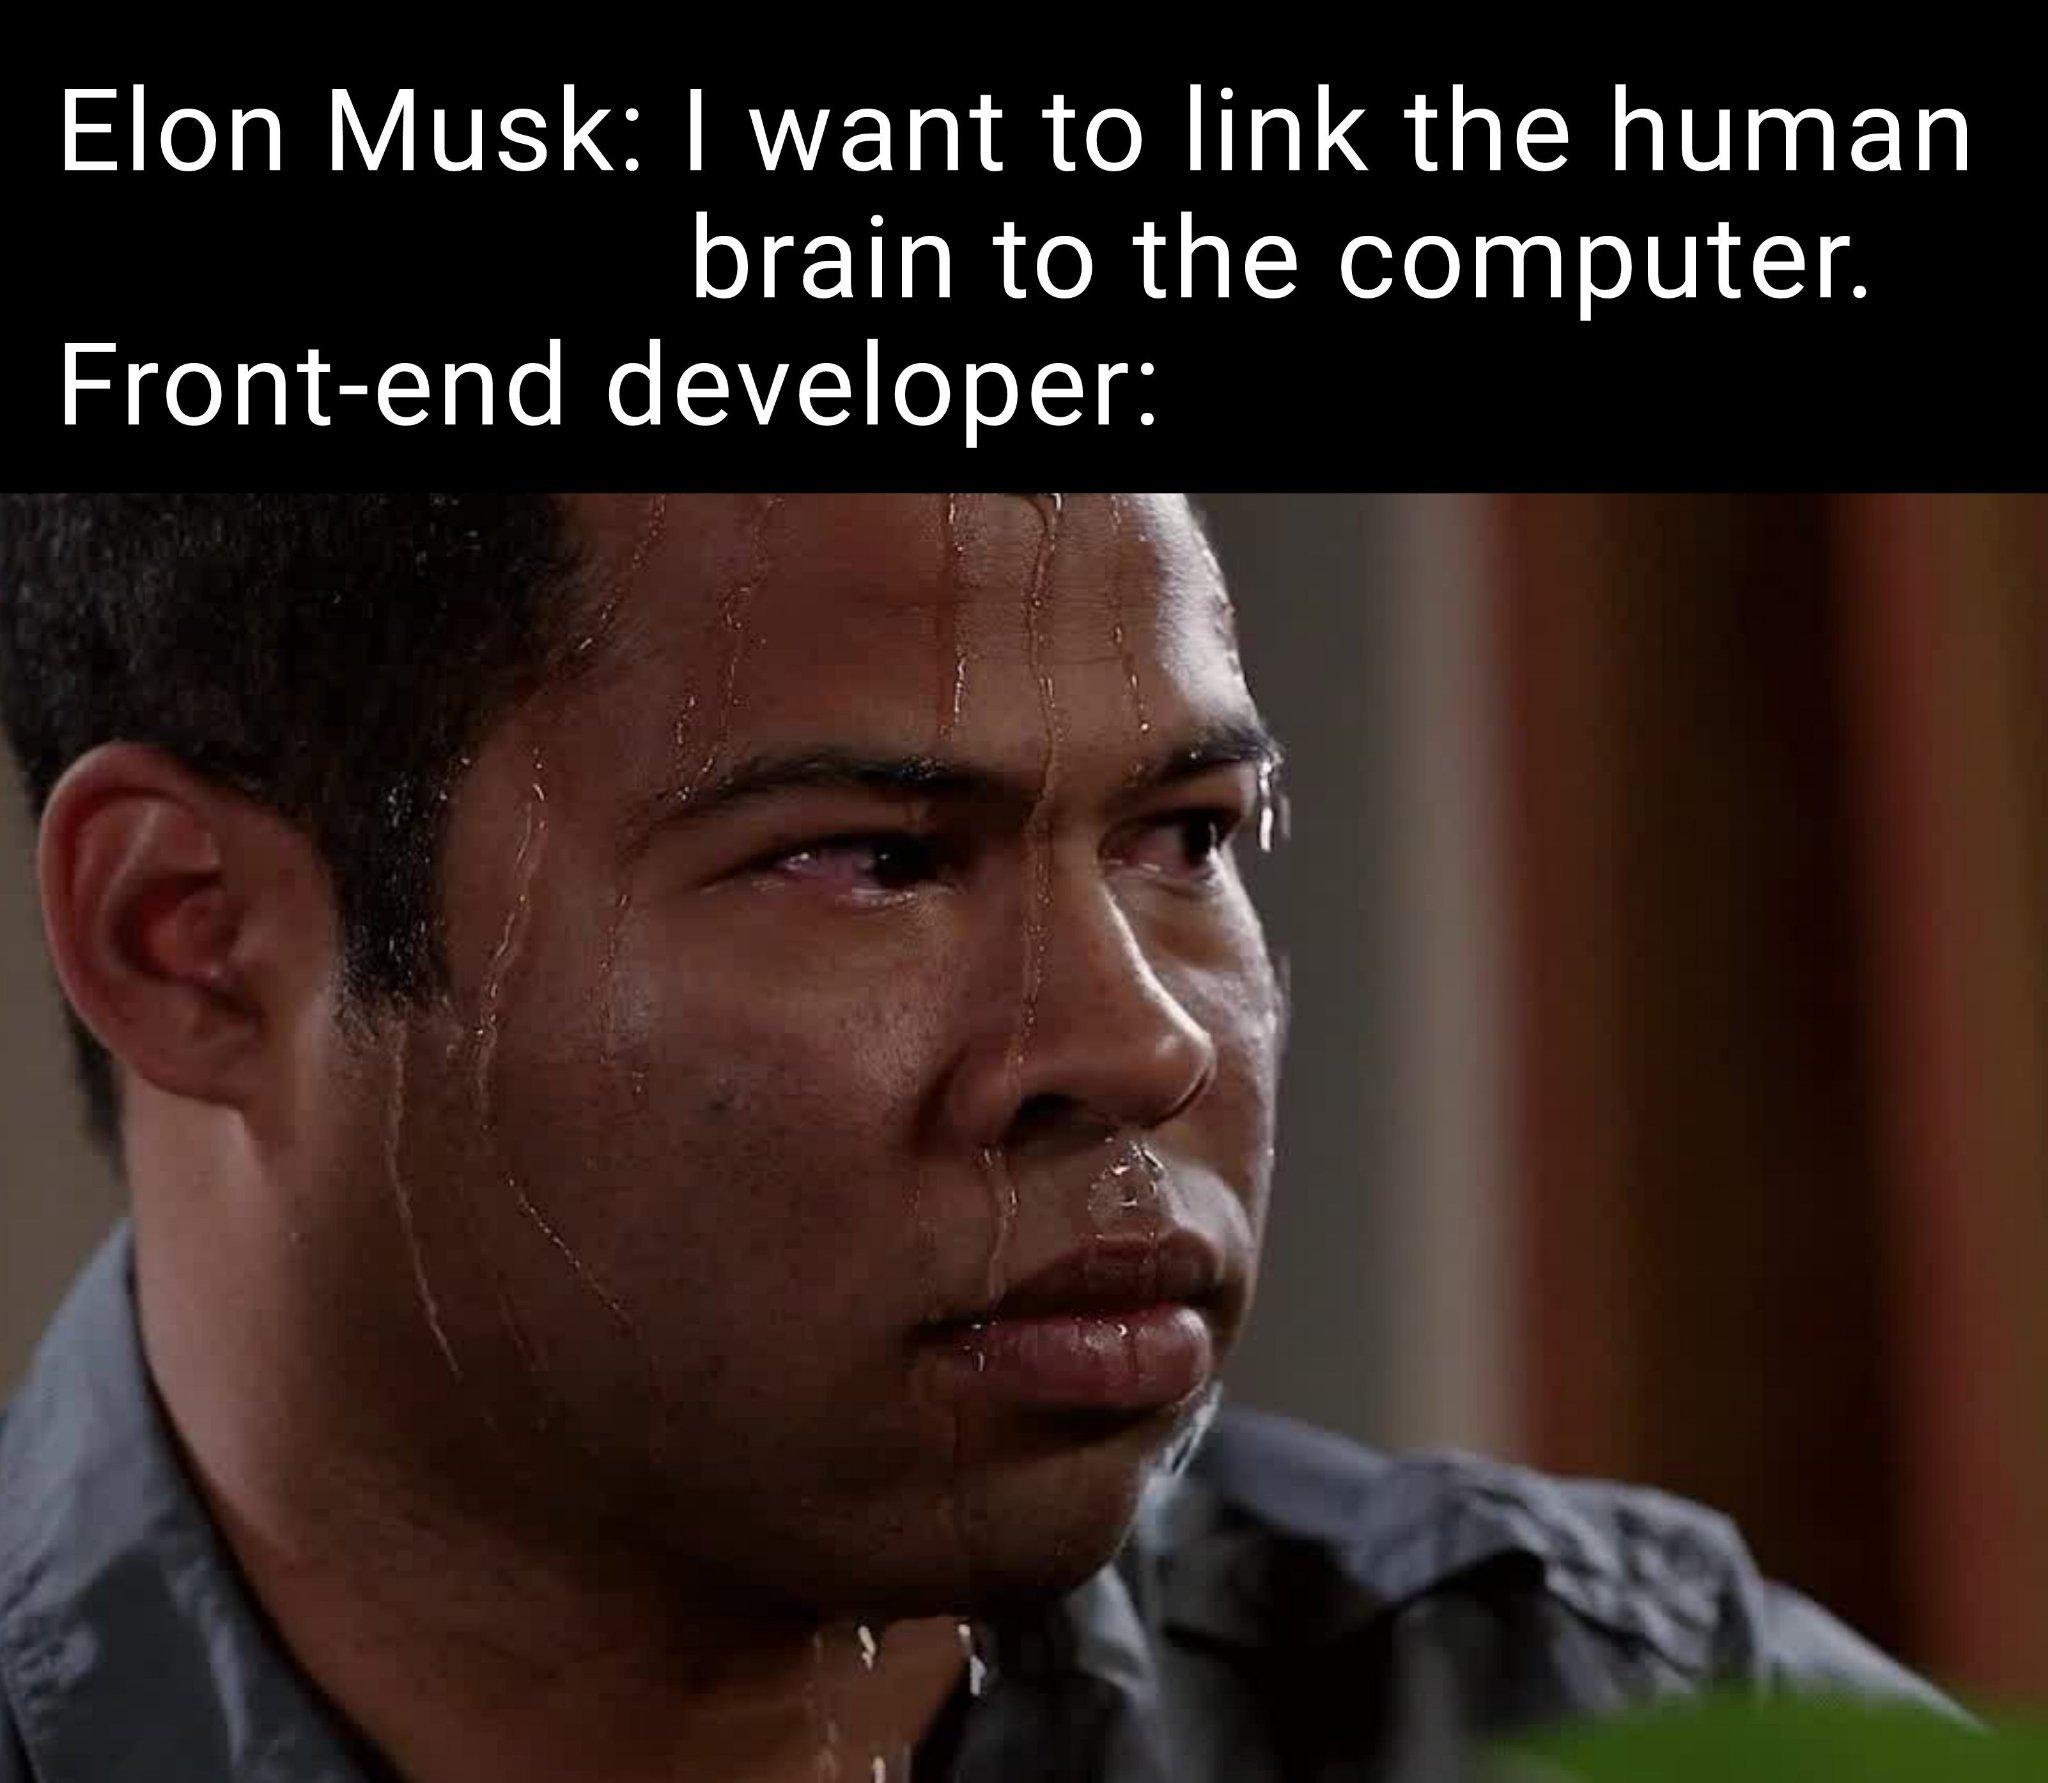 Sweat INTENSIFES                                                                        Elon Musk INTENSIFES TOO - meme